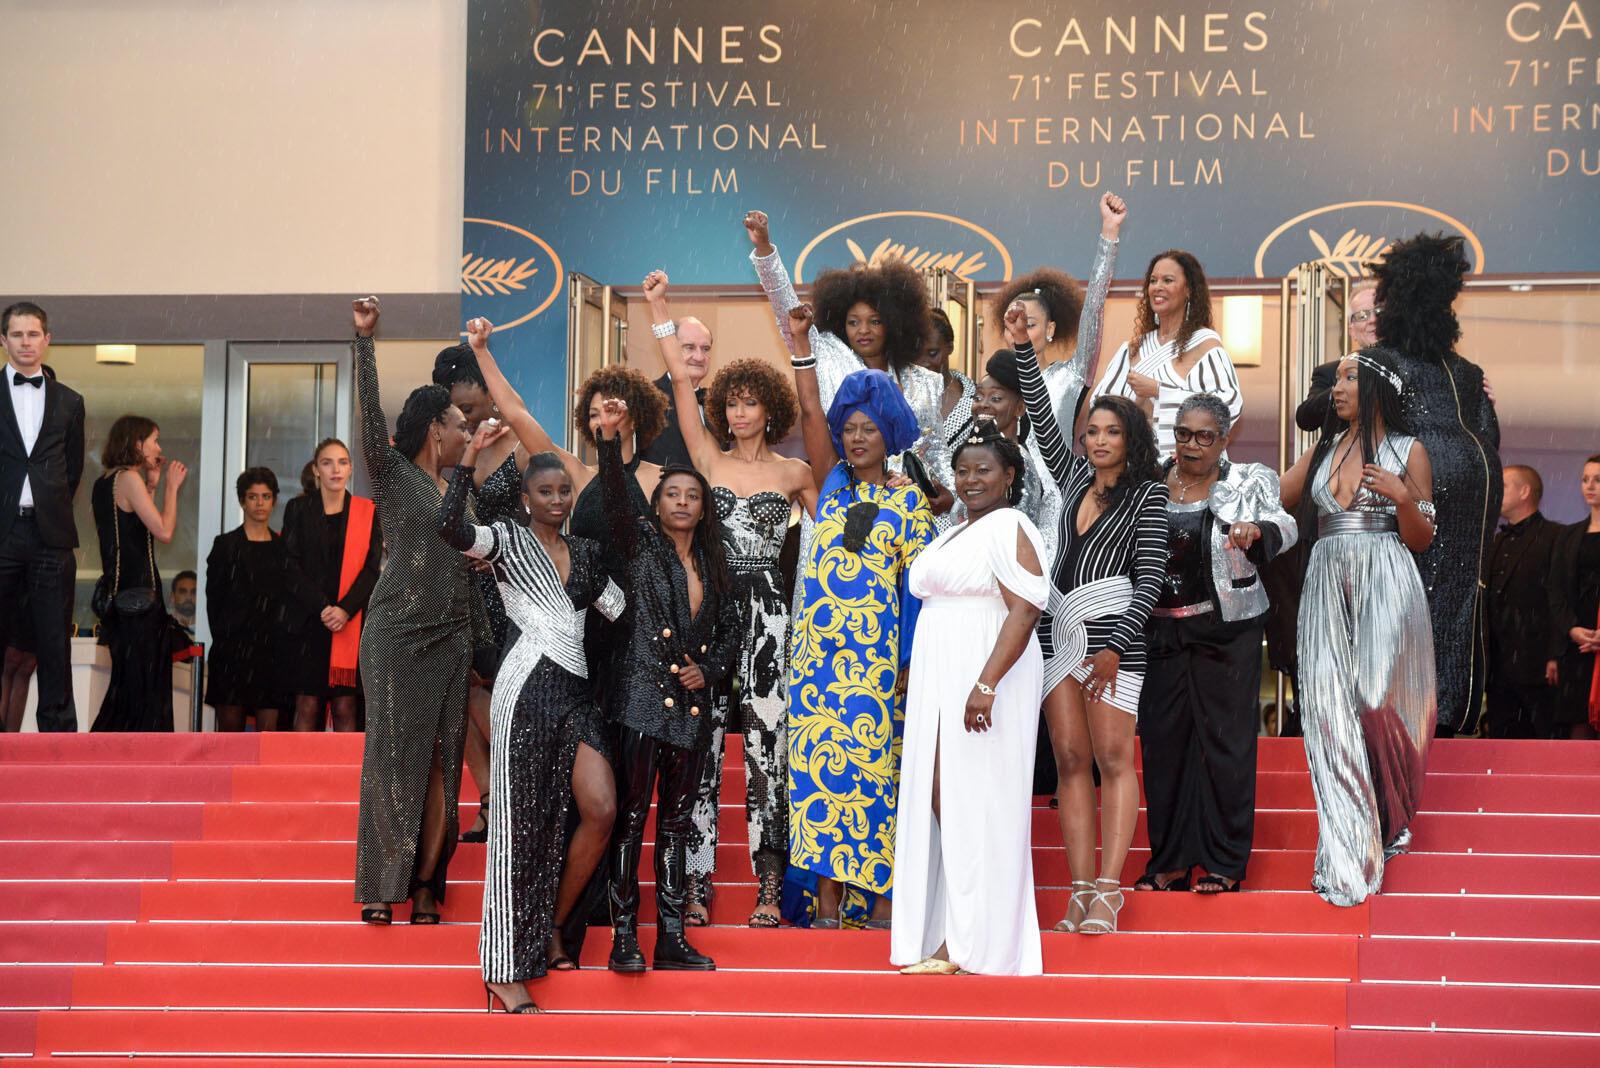 Las actrices autoras de 'Negra no es mi trabajo' posan arriba de los escalones del Palacio de los Festivales. Su objetivo: desafiar al público en general sobre clichés sexistas y racistas en el cine francés.